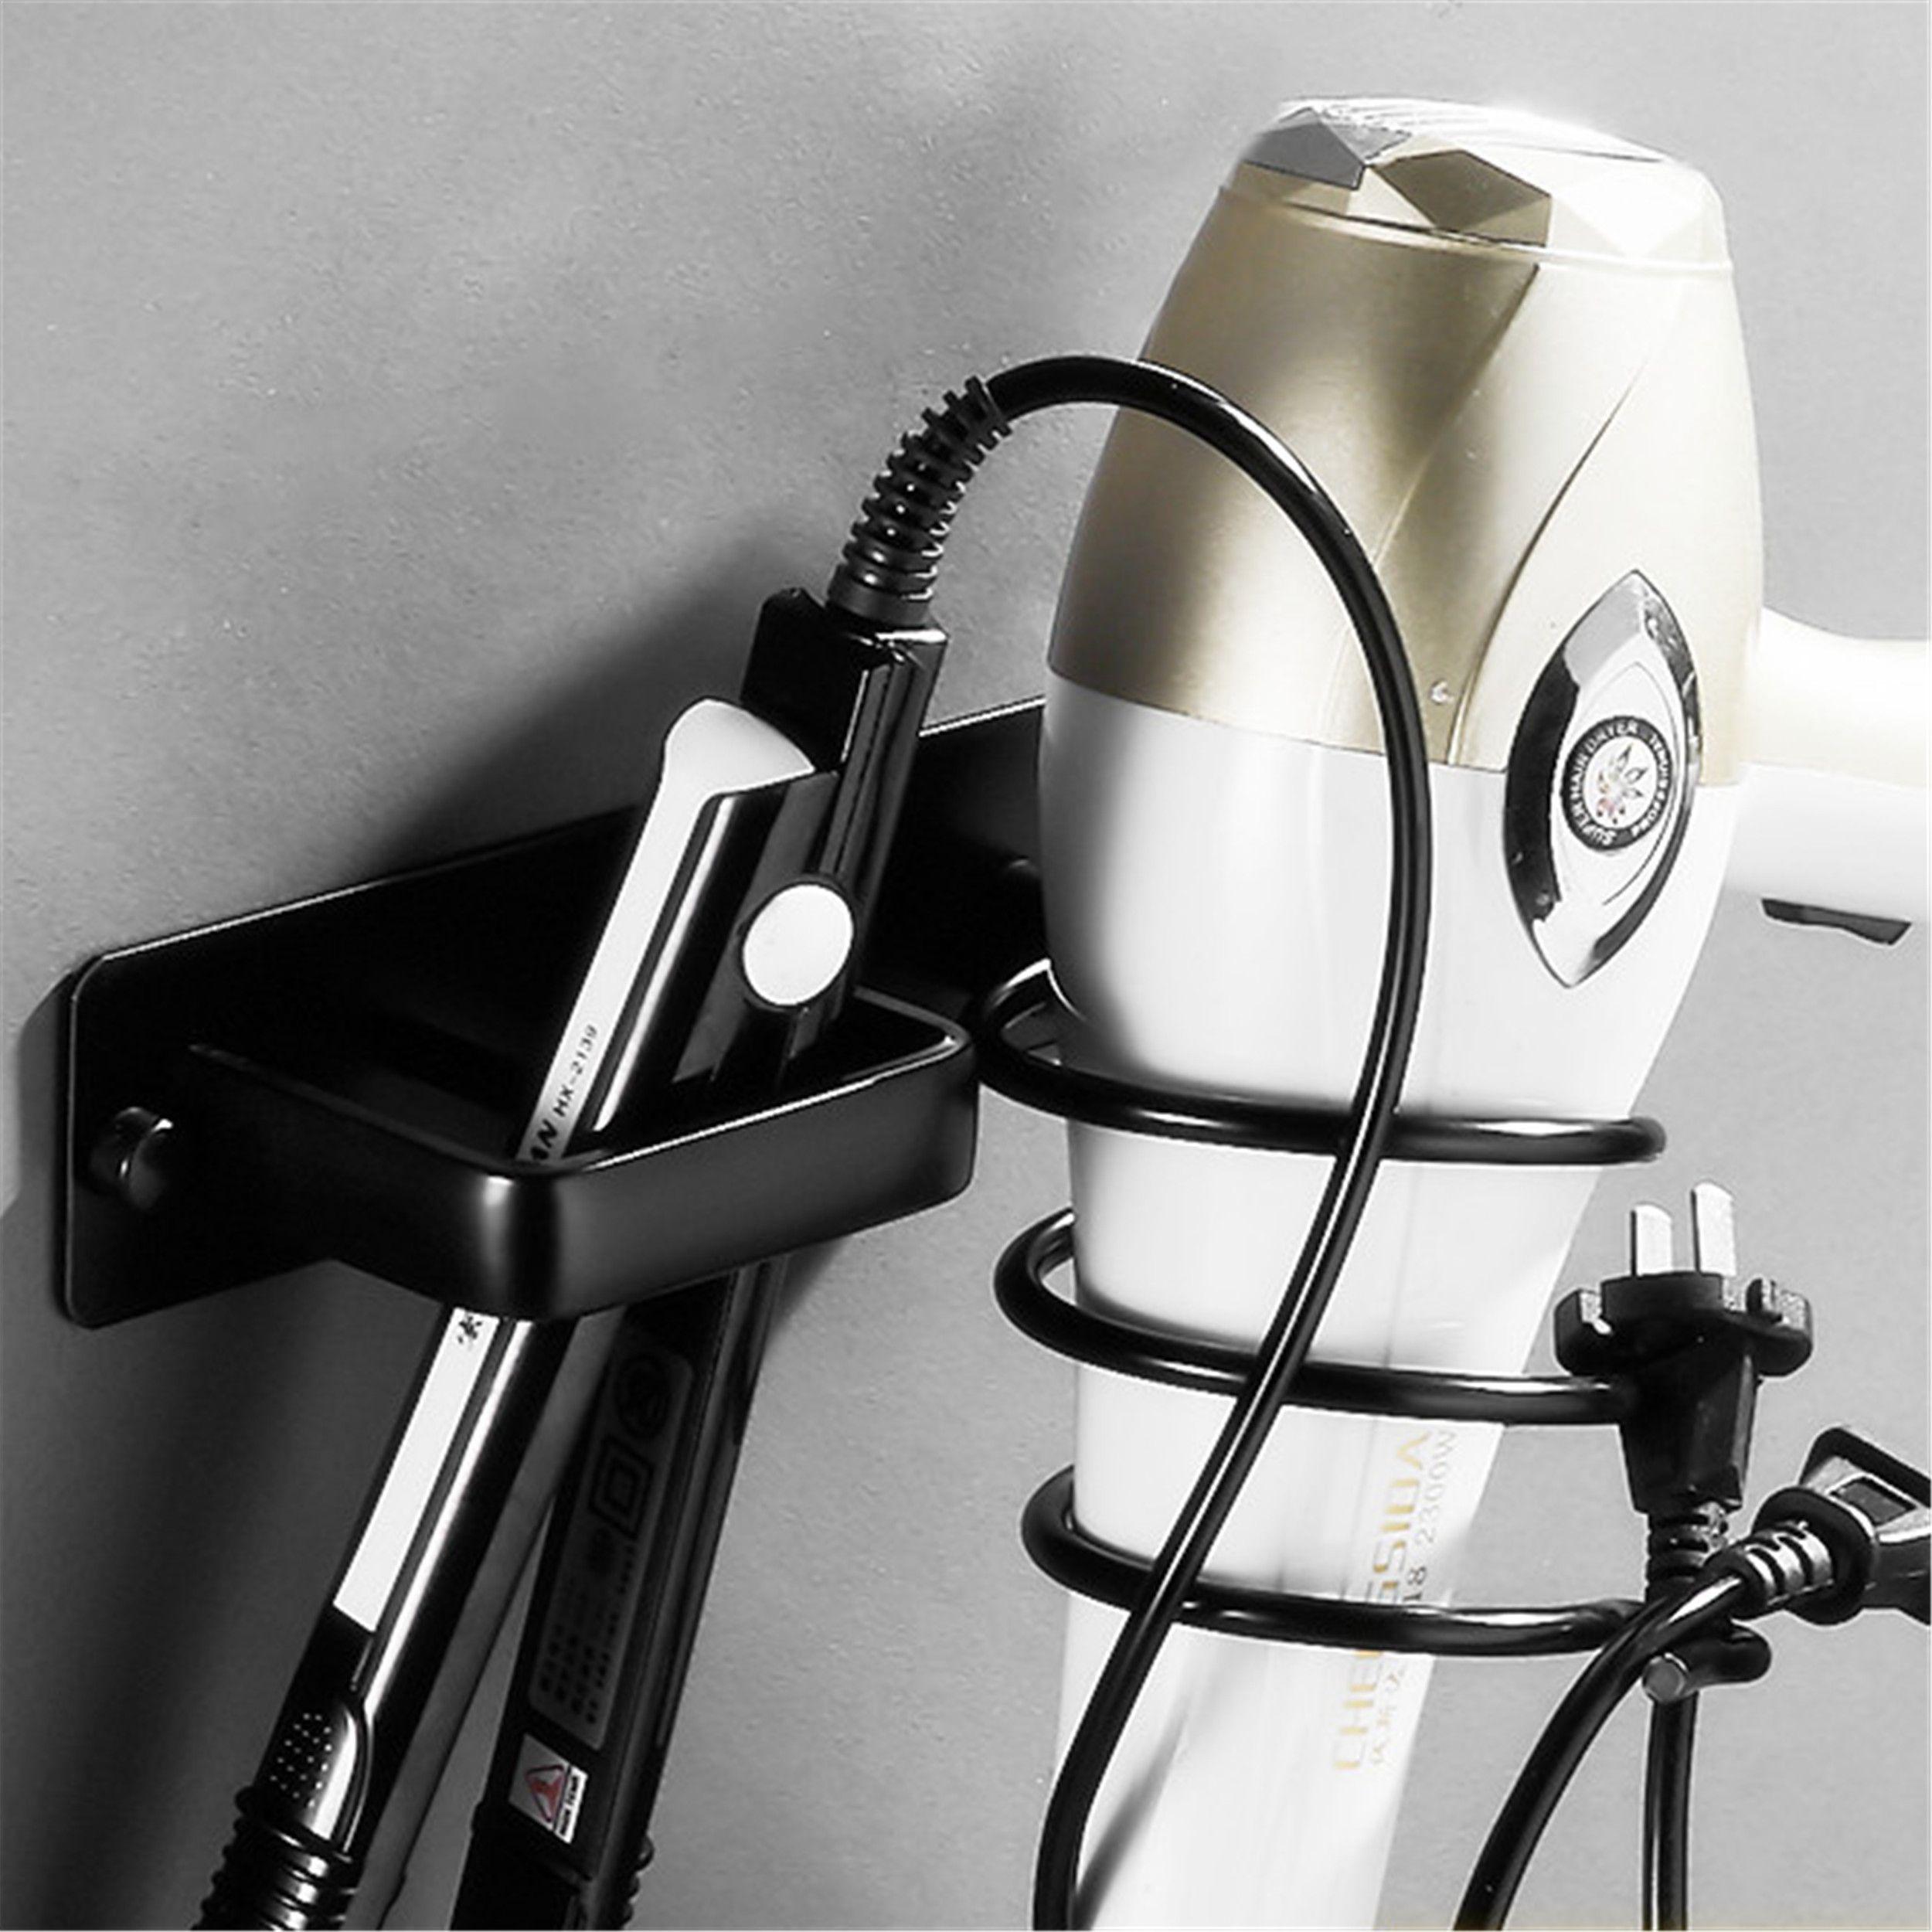 Wall Mounted Banho Preto Secador de cabelo Titular Espaço alumínio Cabelo Straightener Titular Armazenamento prateleira do banheiro Acessórios